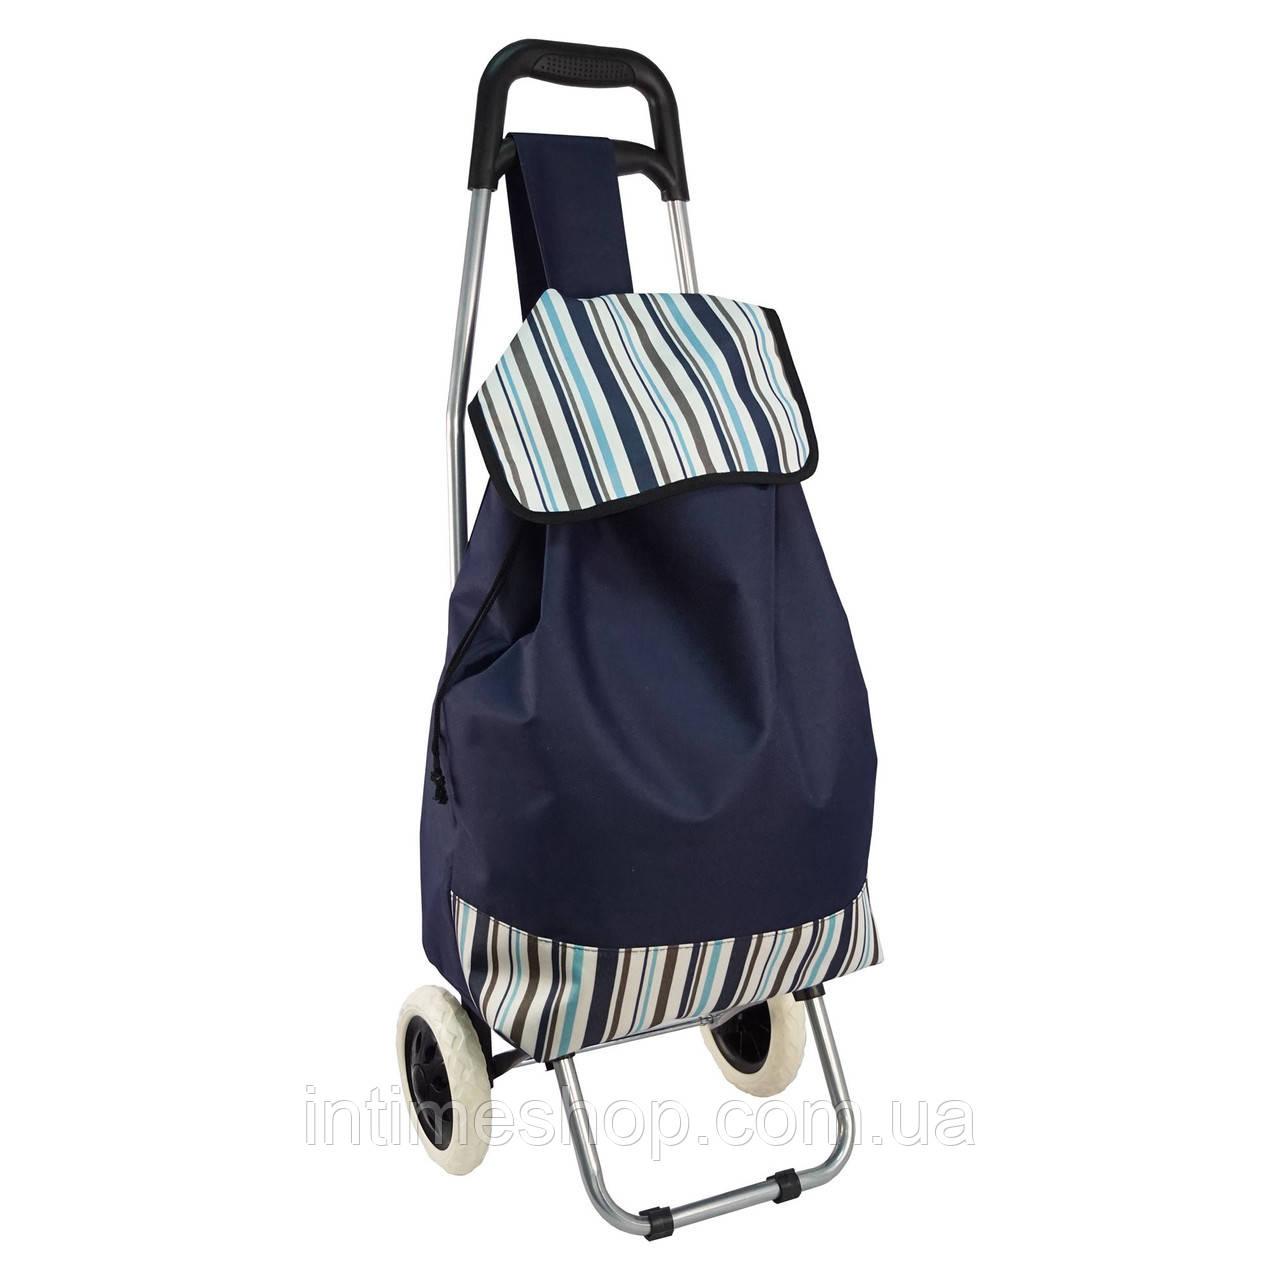 Дорожная сумка, Цвет - синий, сумка на колесах в полоску